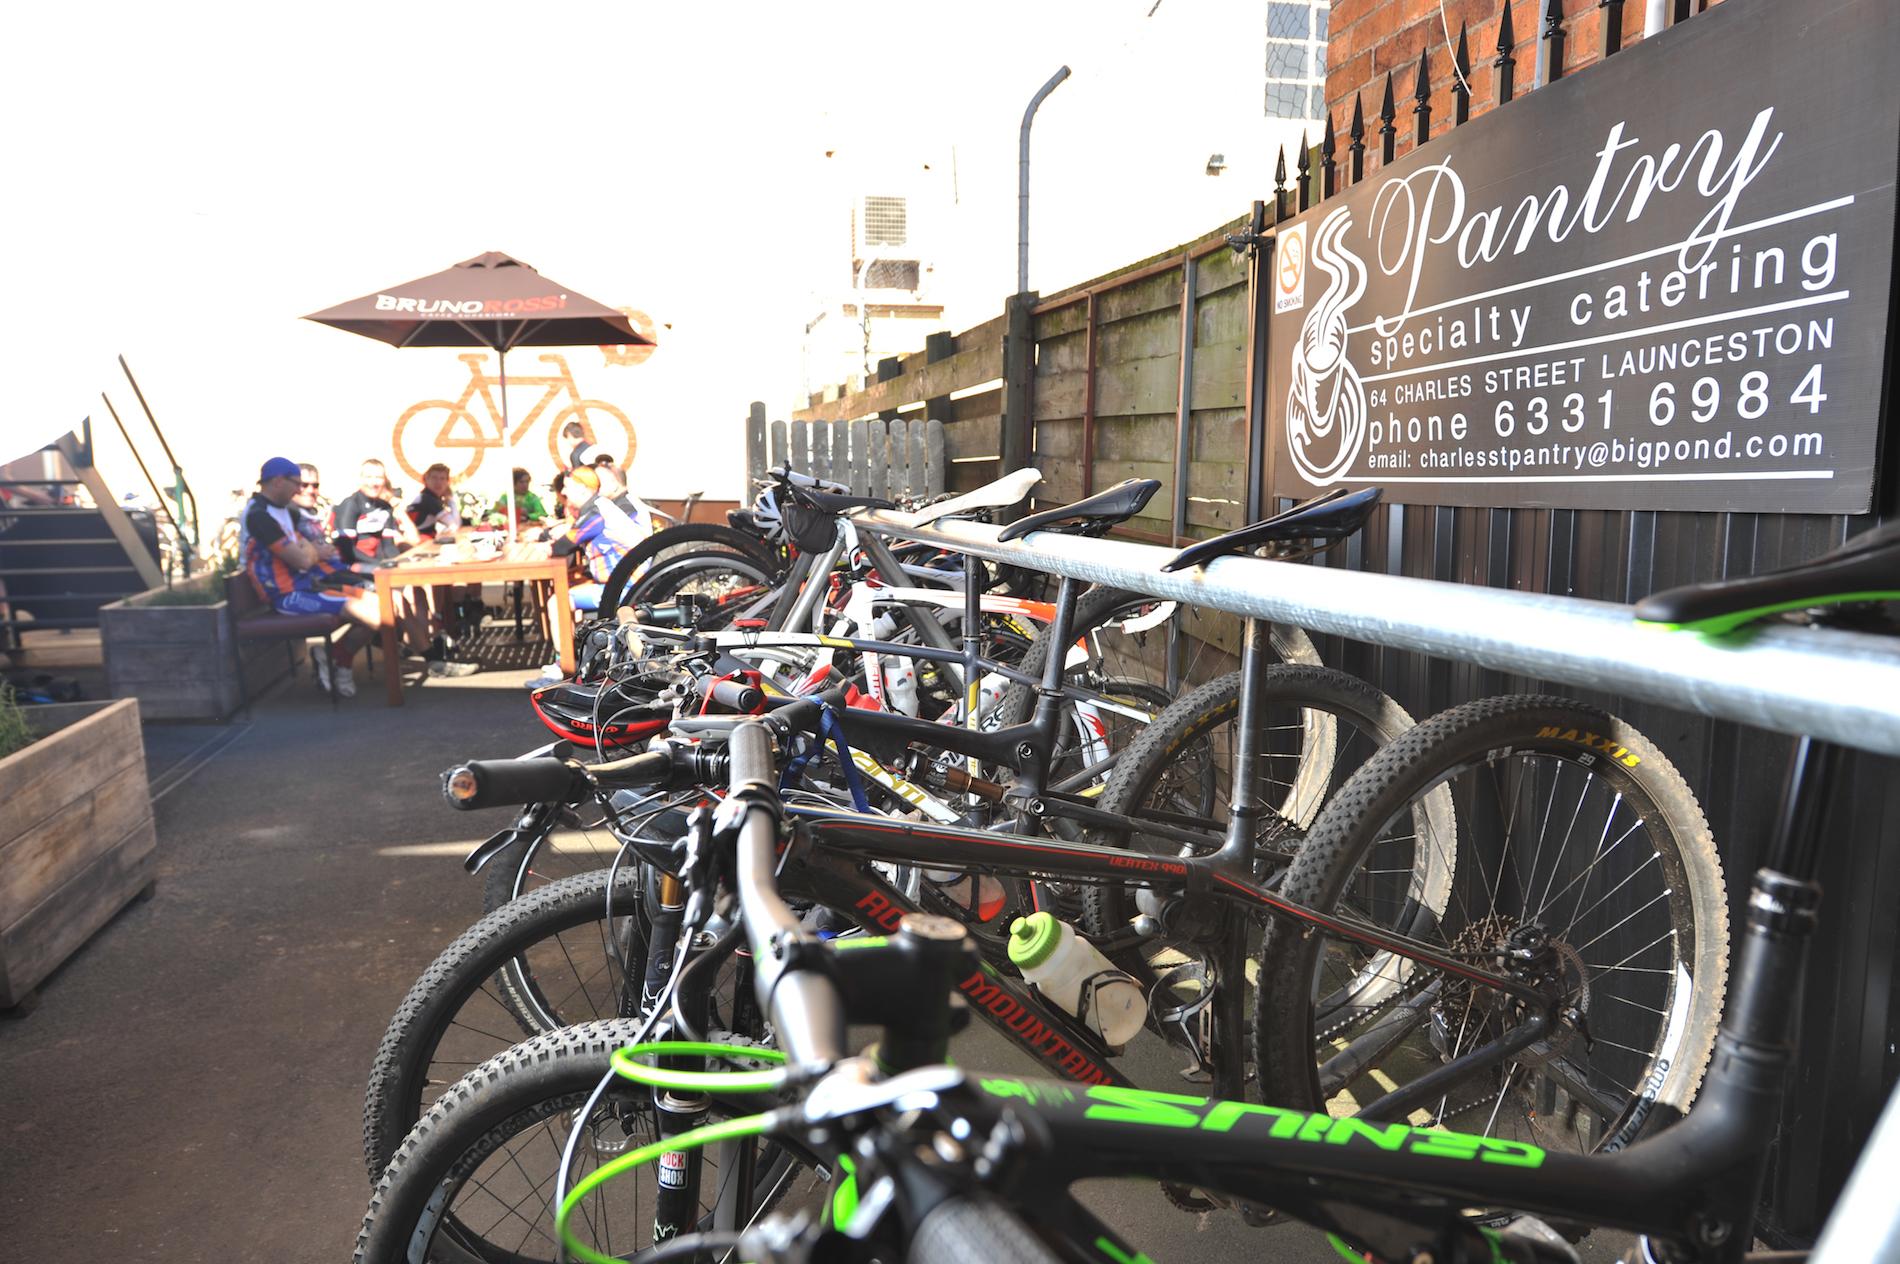 Bike Friendly Cafe